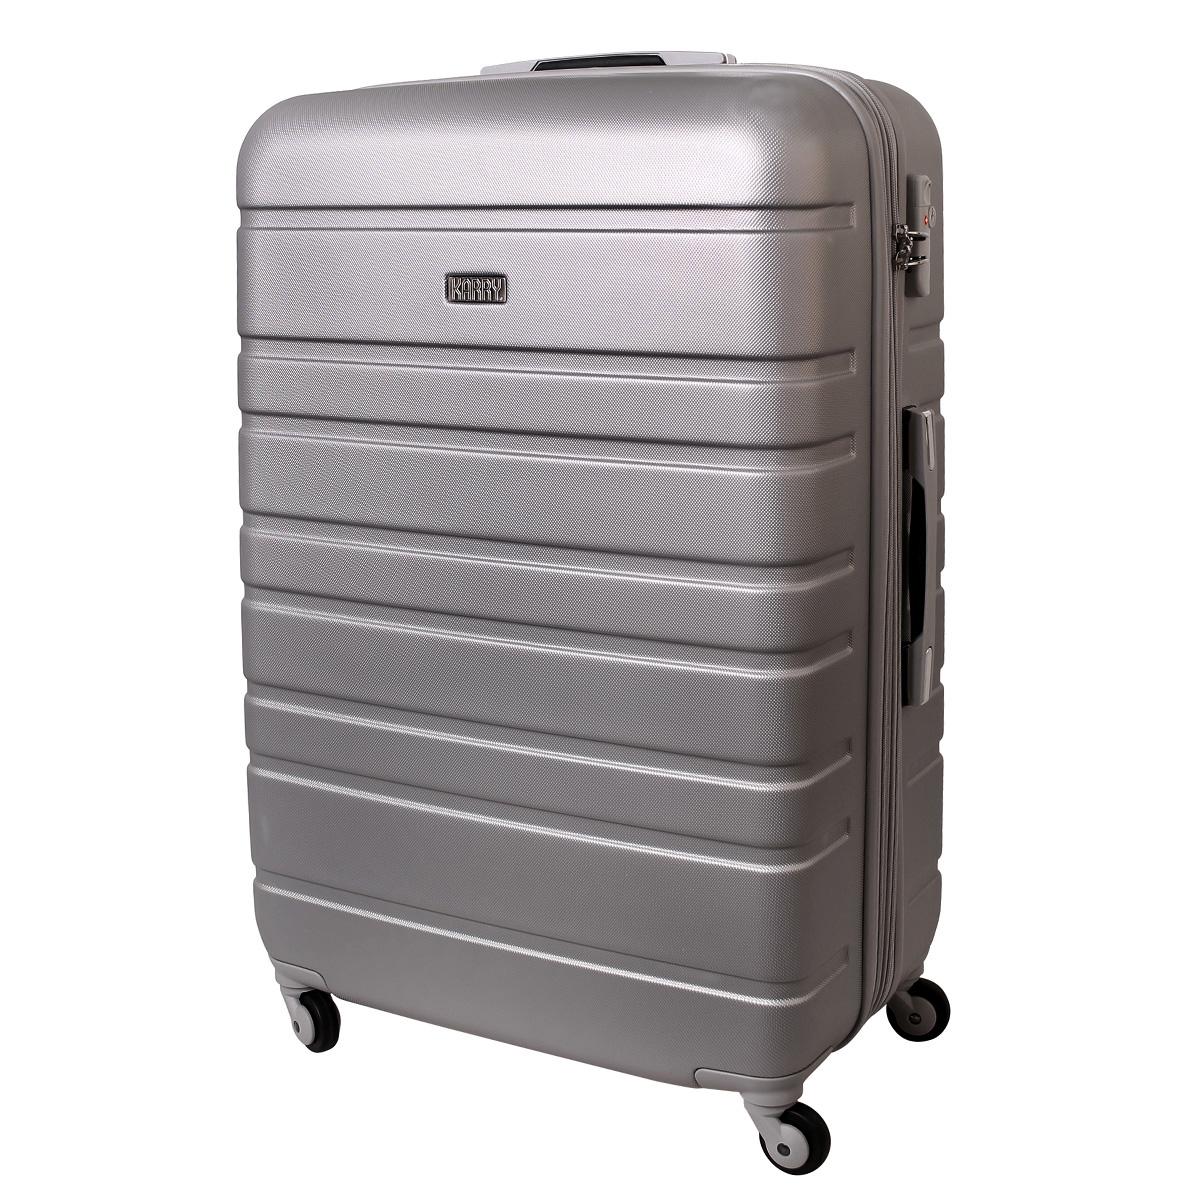 xxl hartschalen reise koffer tsa schloss 120 liter silber. Black Bedroom Furniture Sets. Home Design Ideas